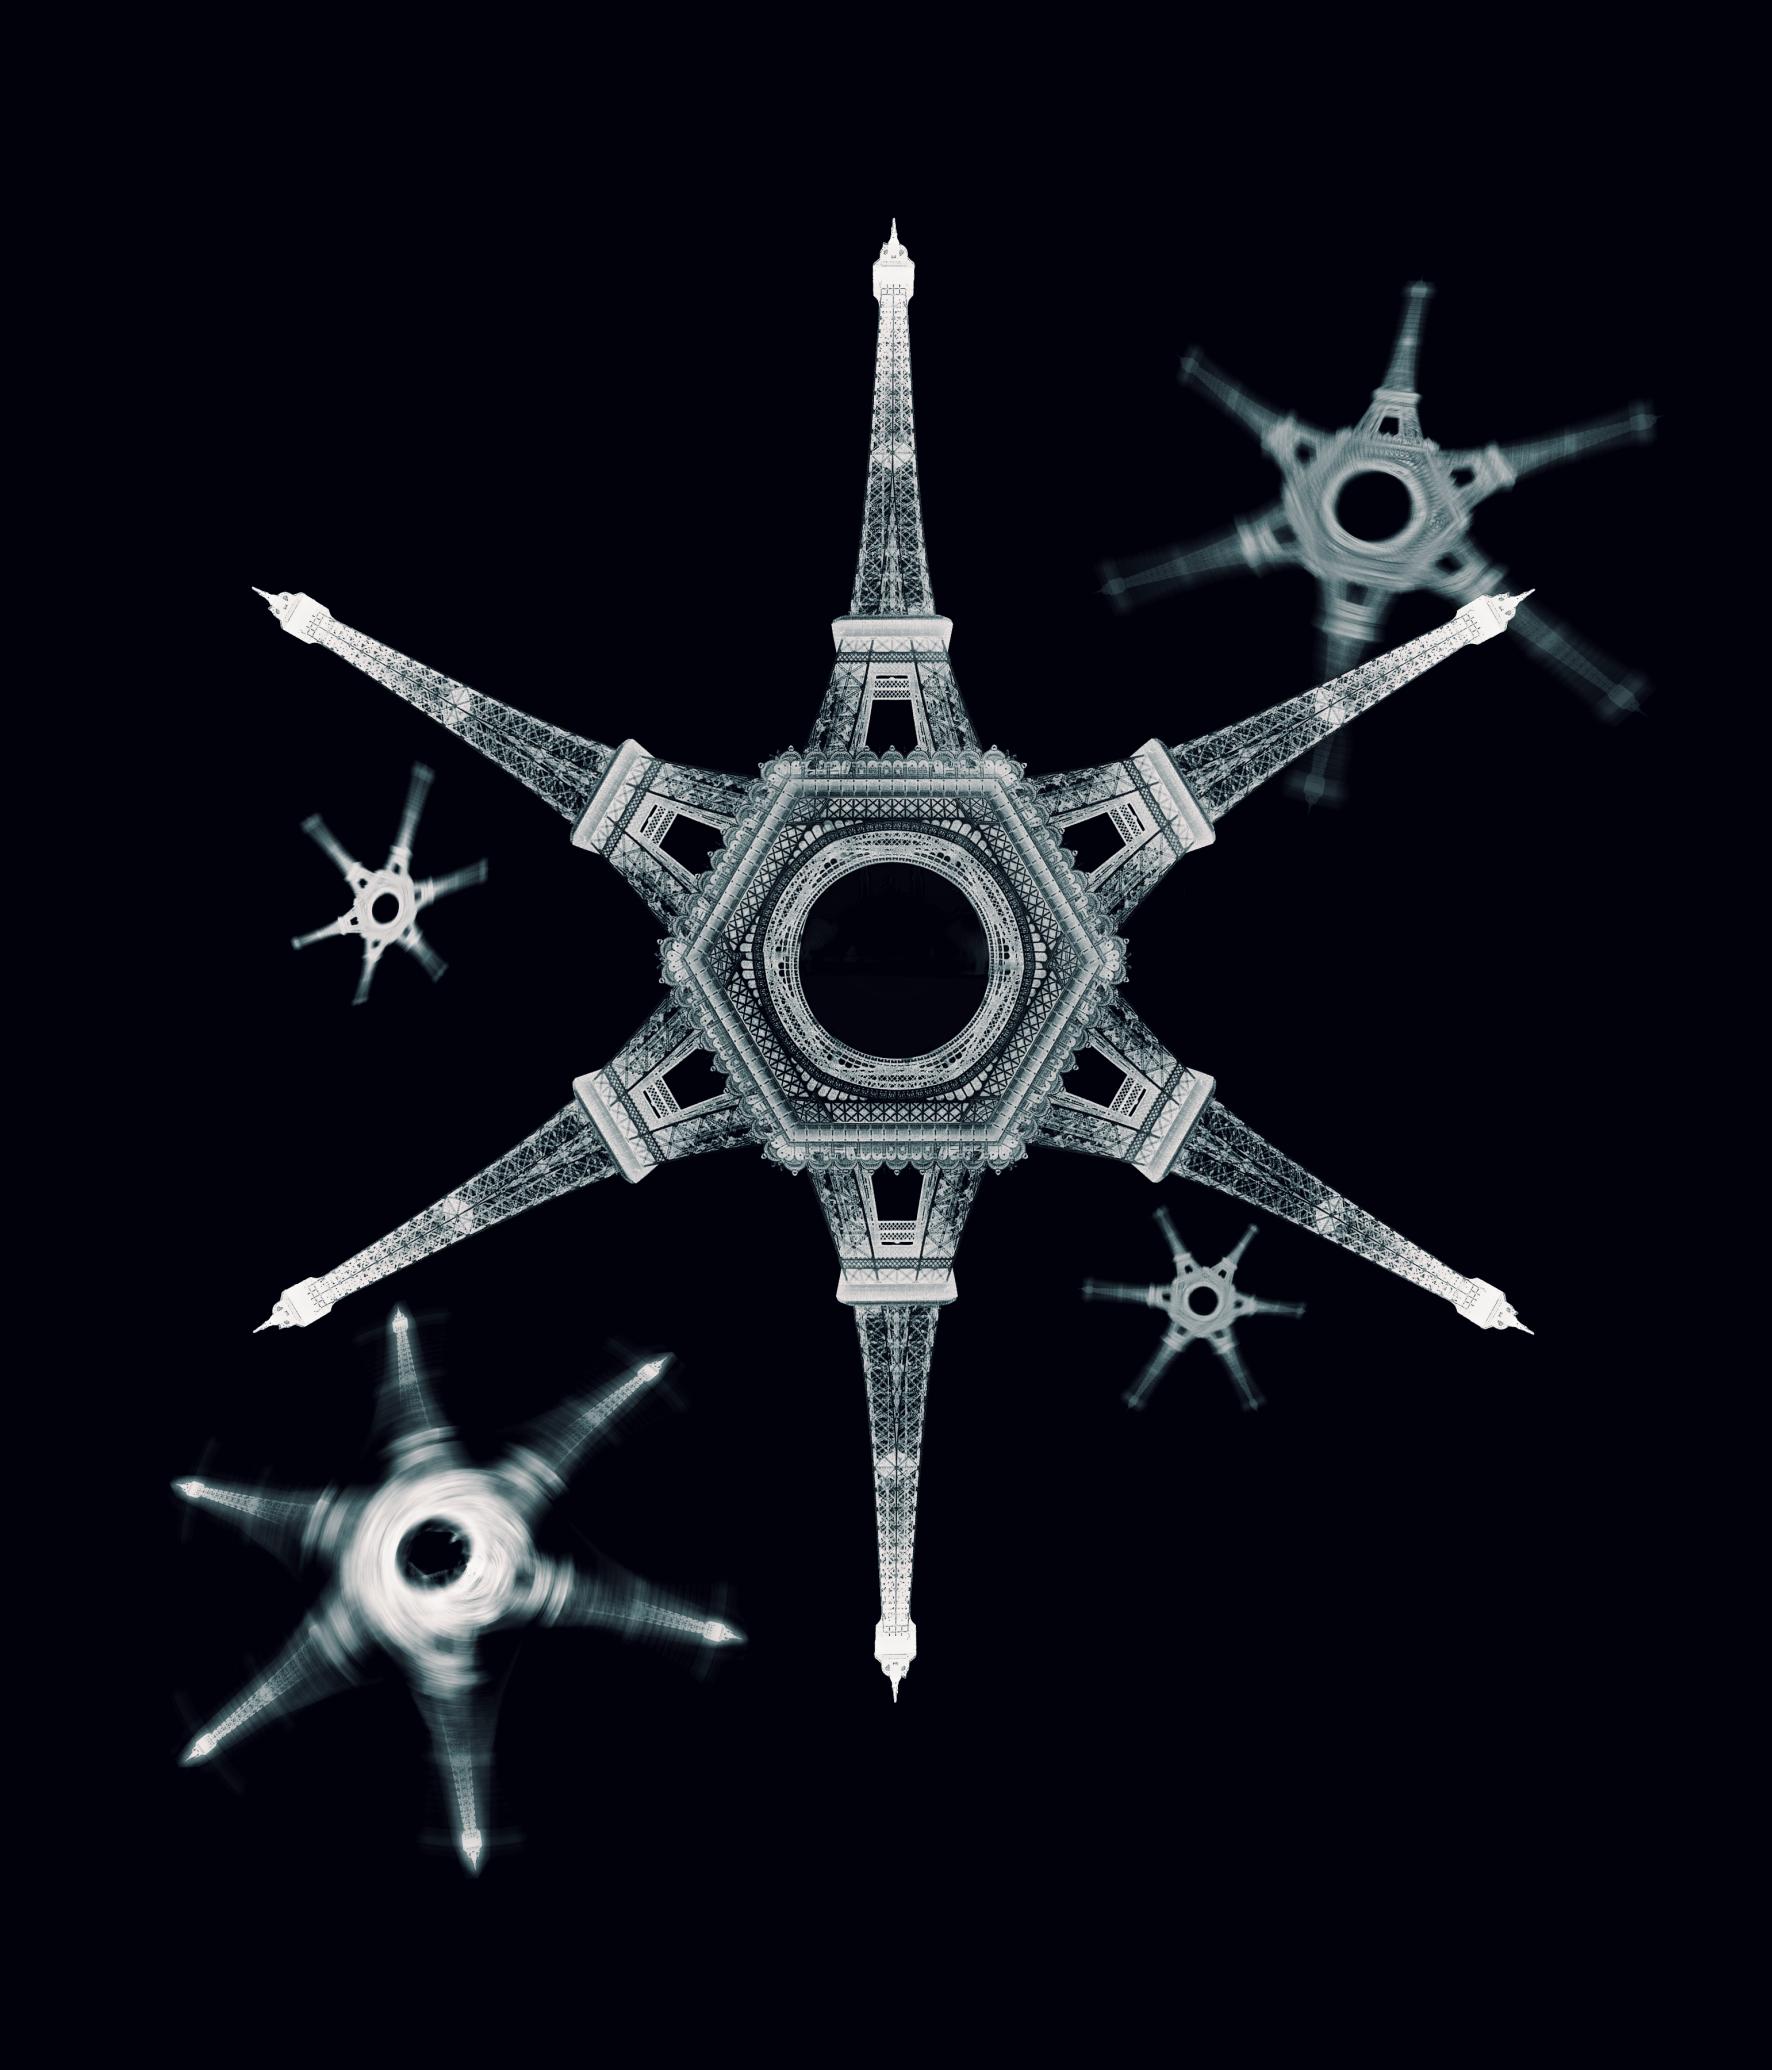 Eiffel_neige_black